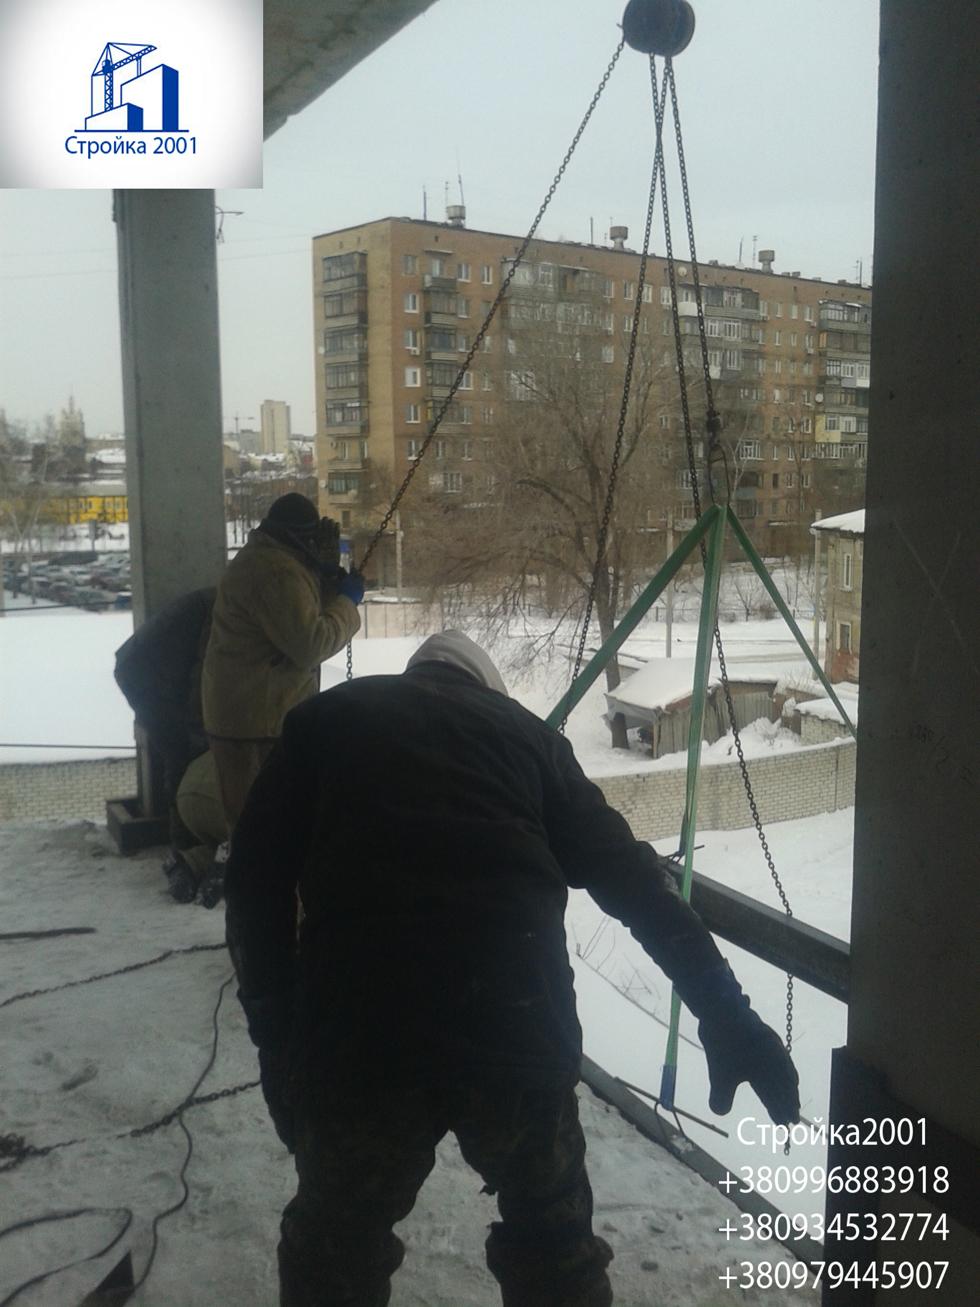 Монтажные работы Харьков. Строительно-монтажные работы.